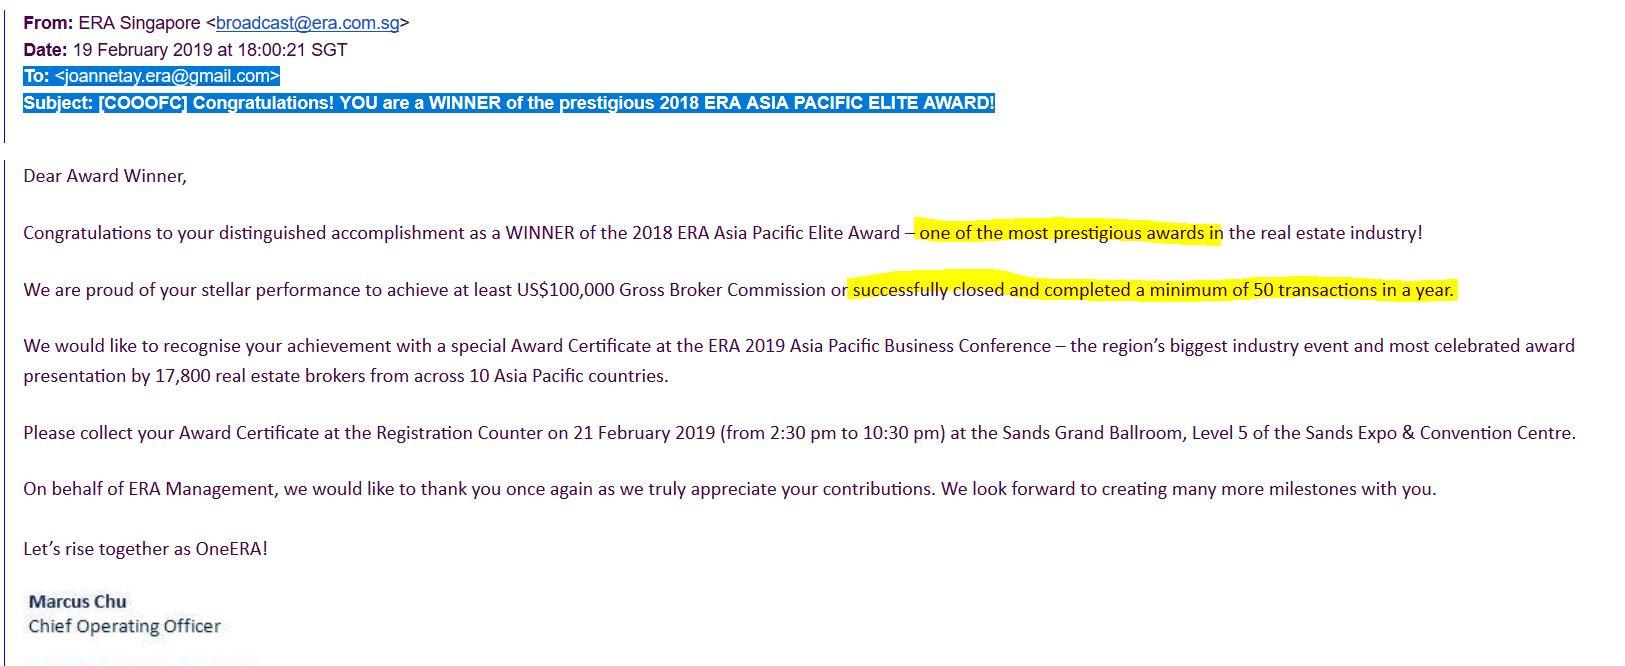 joanne Elite award.JPG